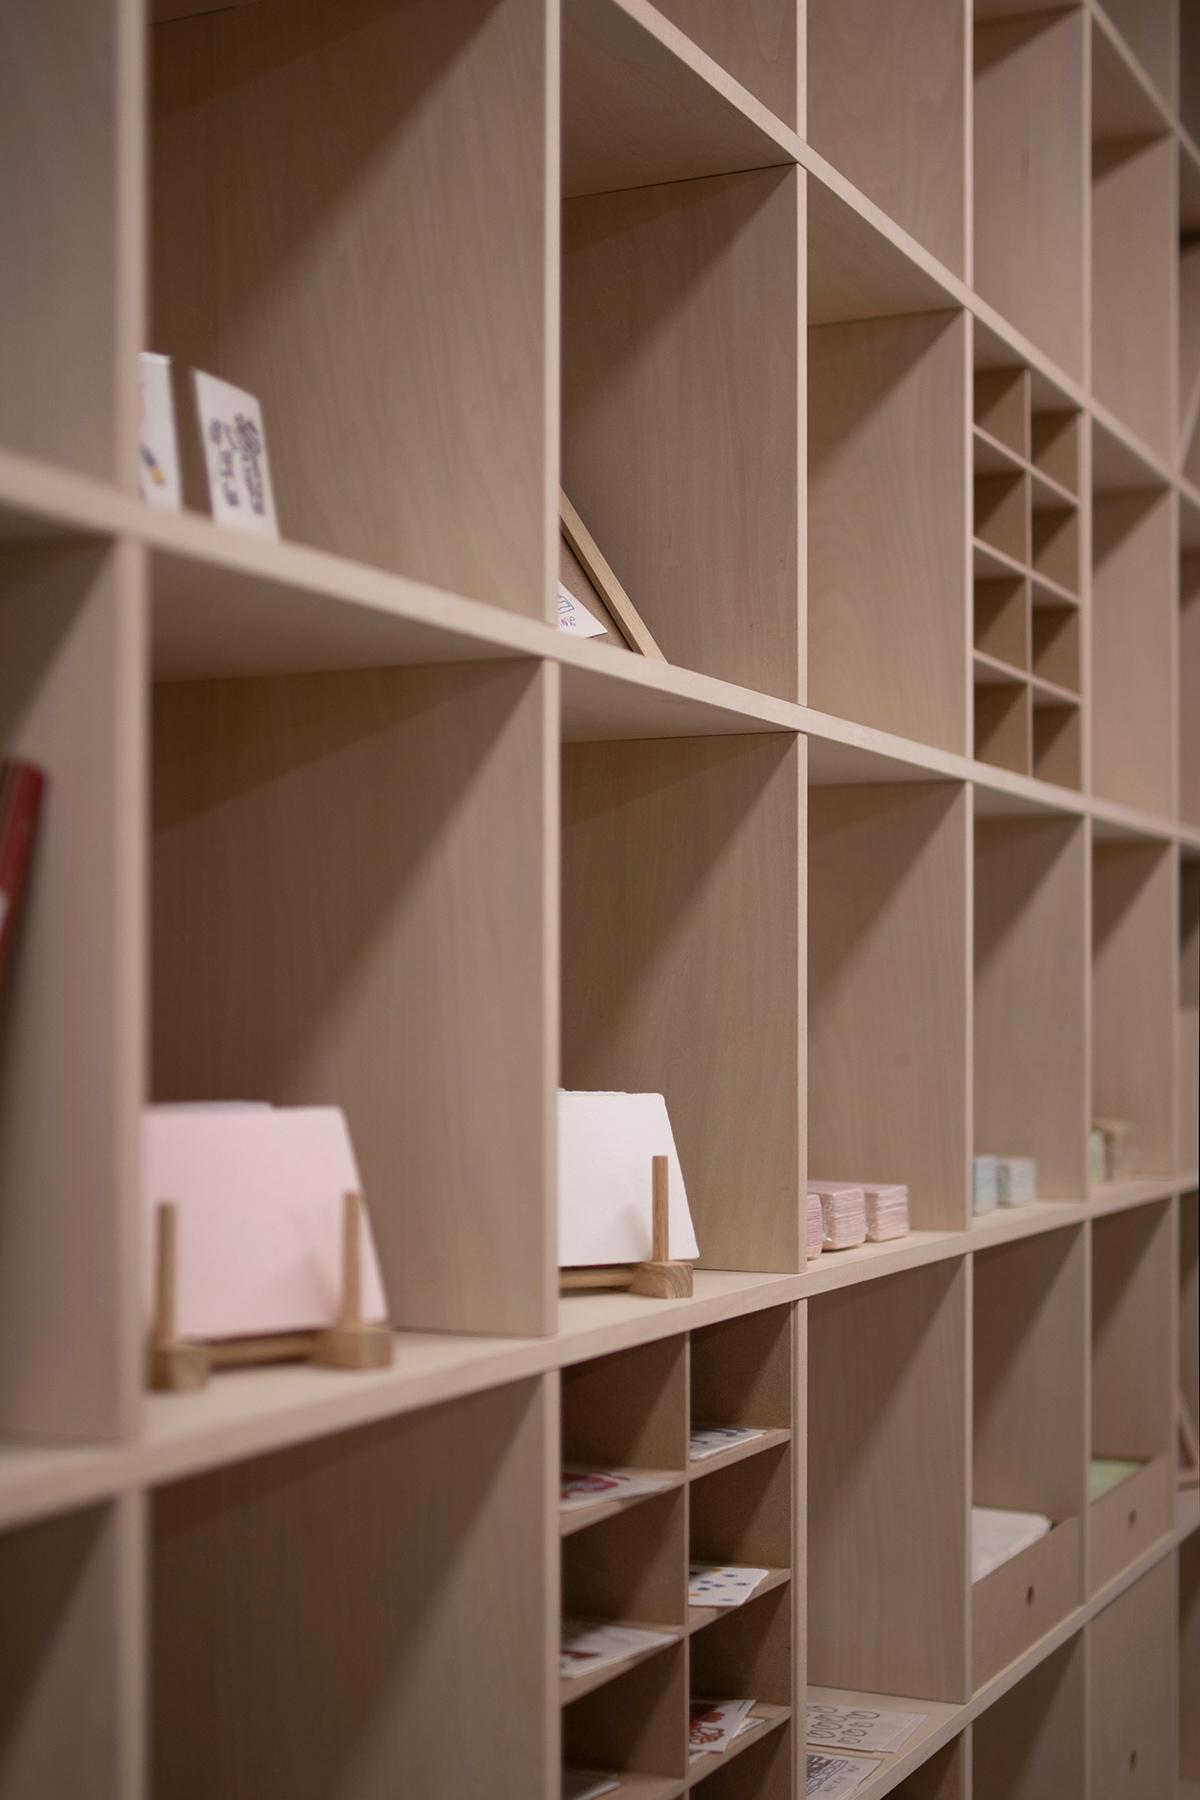 紙すき工房で   壁一面の本棚 奥行350mm / Shelf (No.108)   マルゲリータ使用例